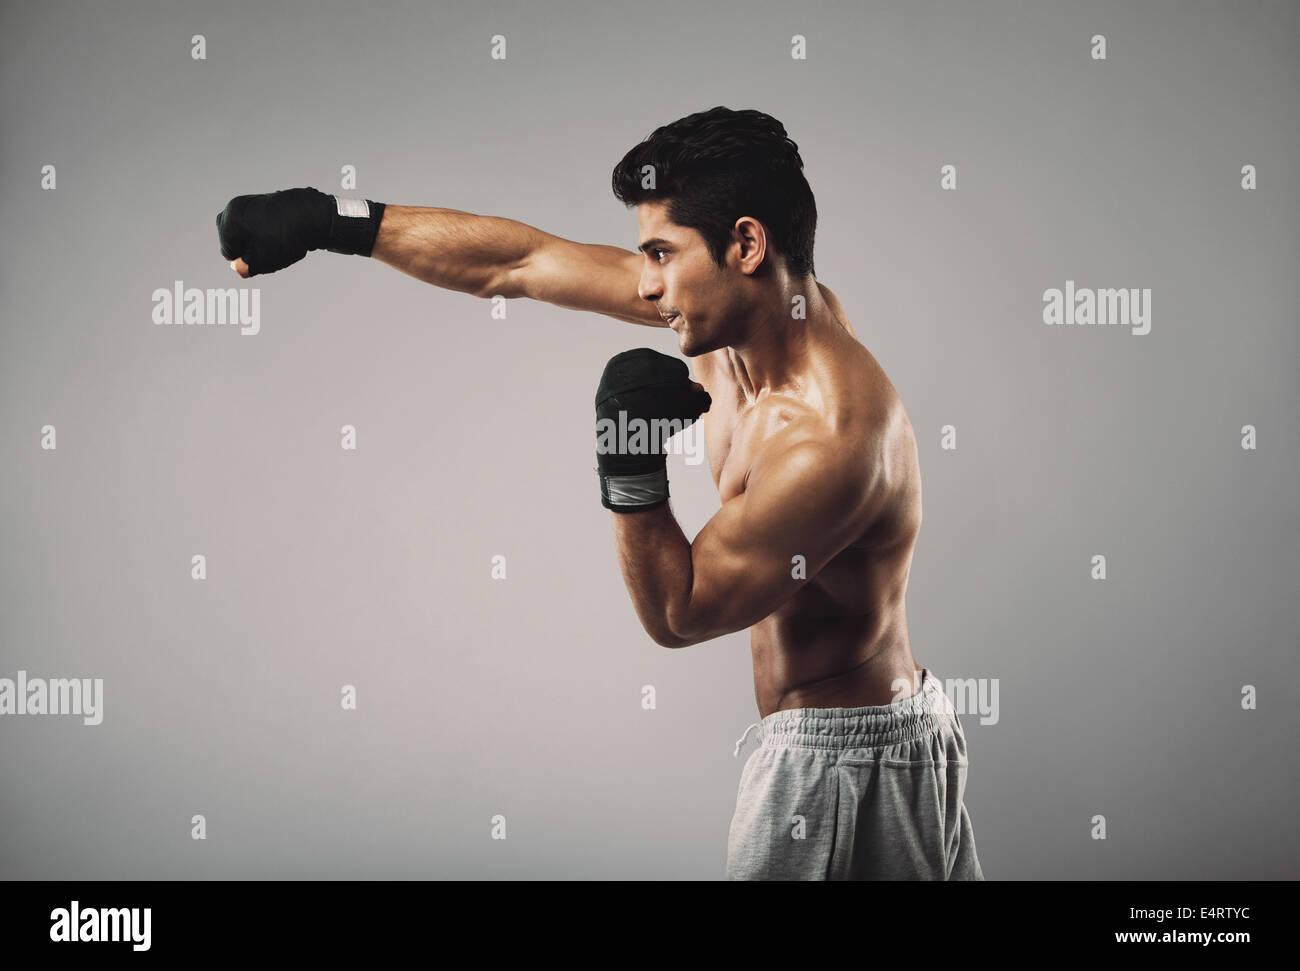 Voir le profil de jeune homme de pure forme pratiquant sur fond gris. La jeune modèle masculin l'élaboration. Photo Stock